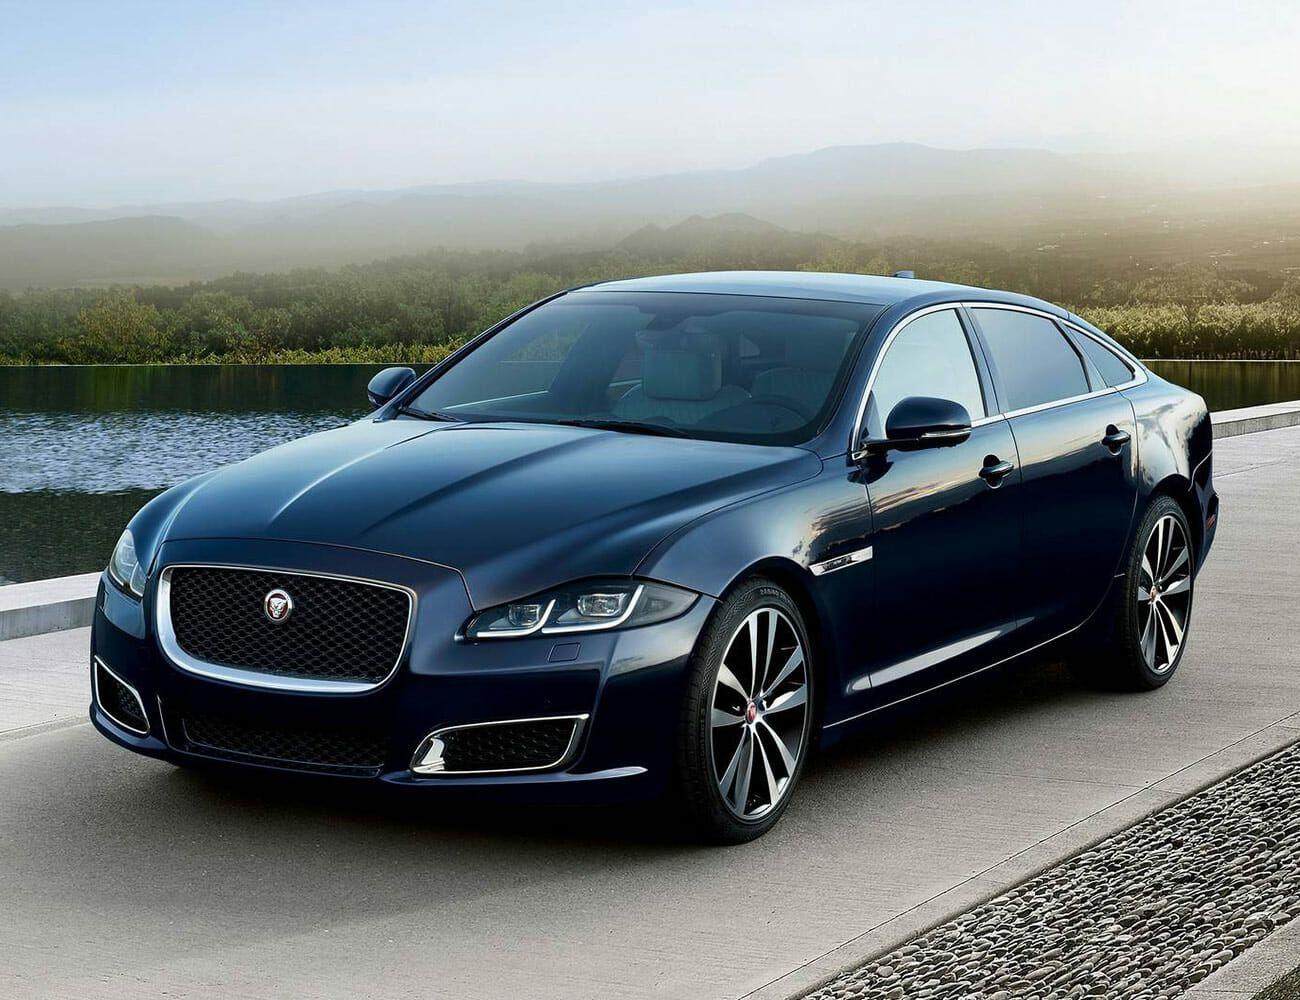 jaguar xj 2021 - car wallpaper